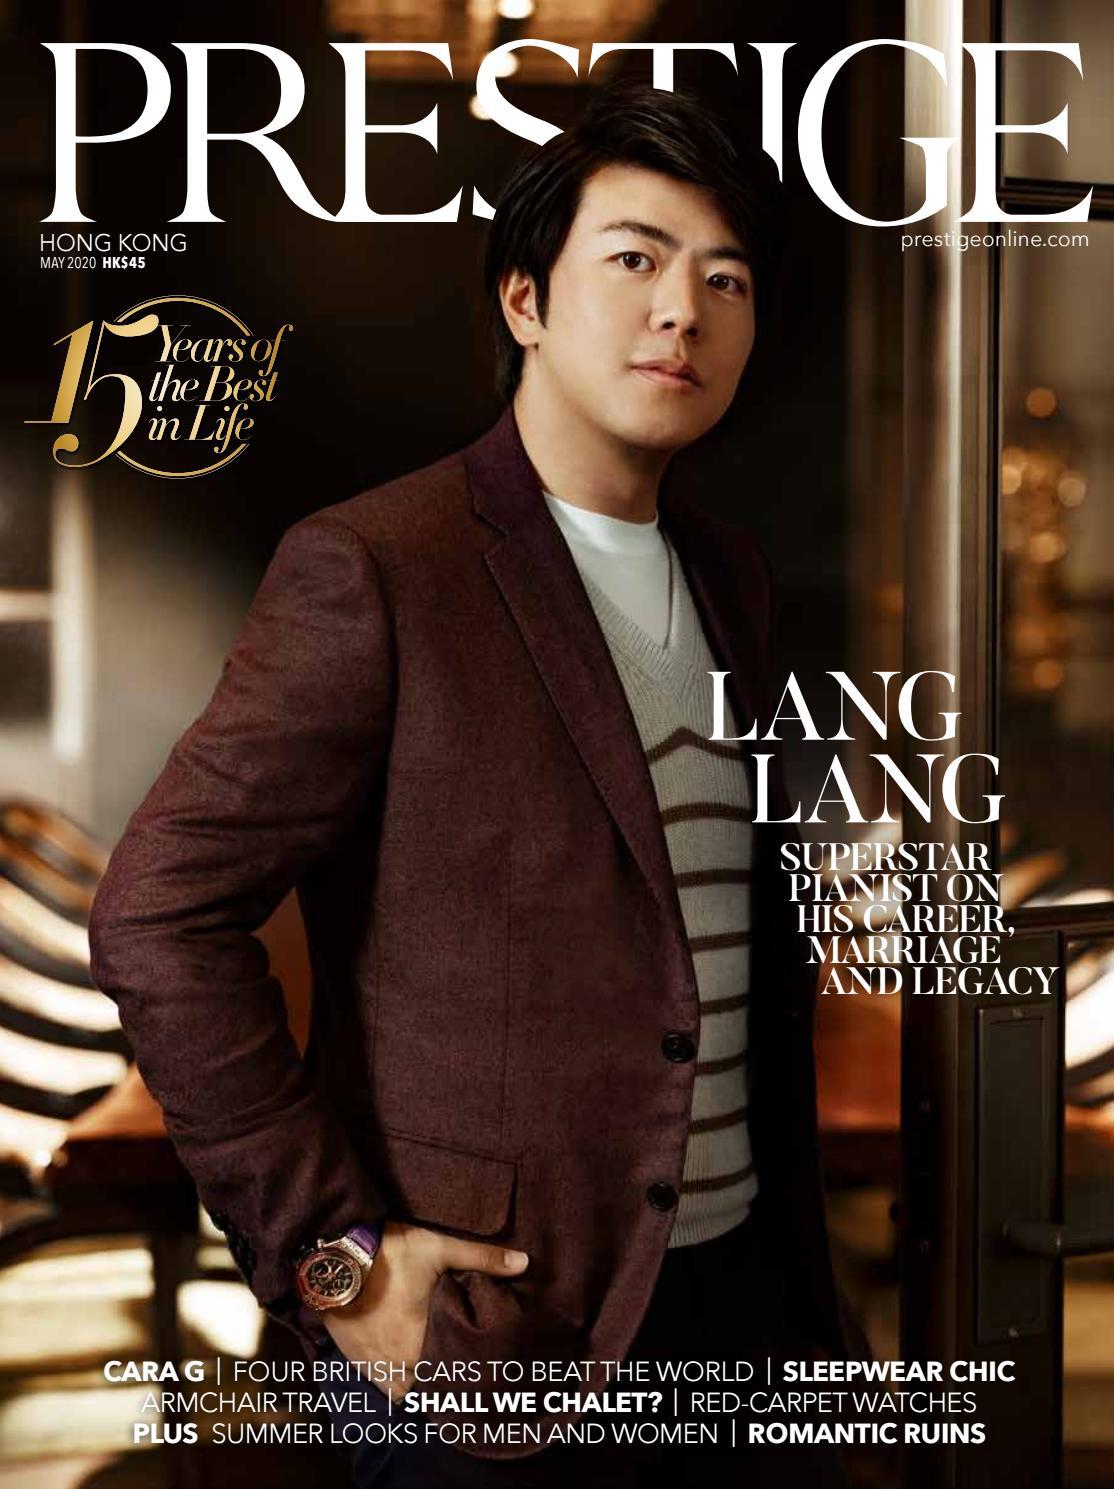 Prestige Hong Kong_May 2020 by Prestige Hong Kong - issuu